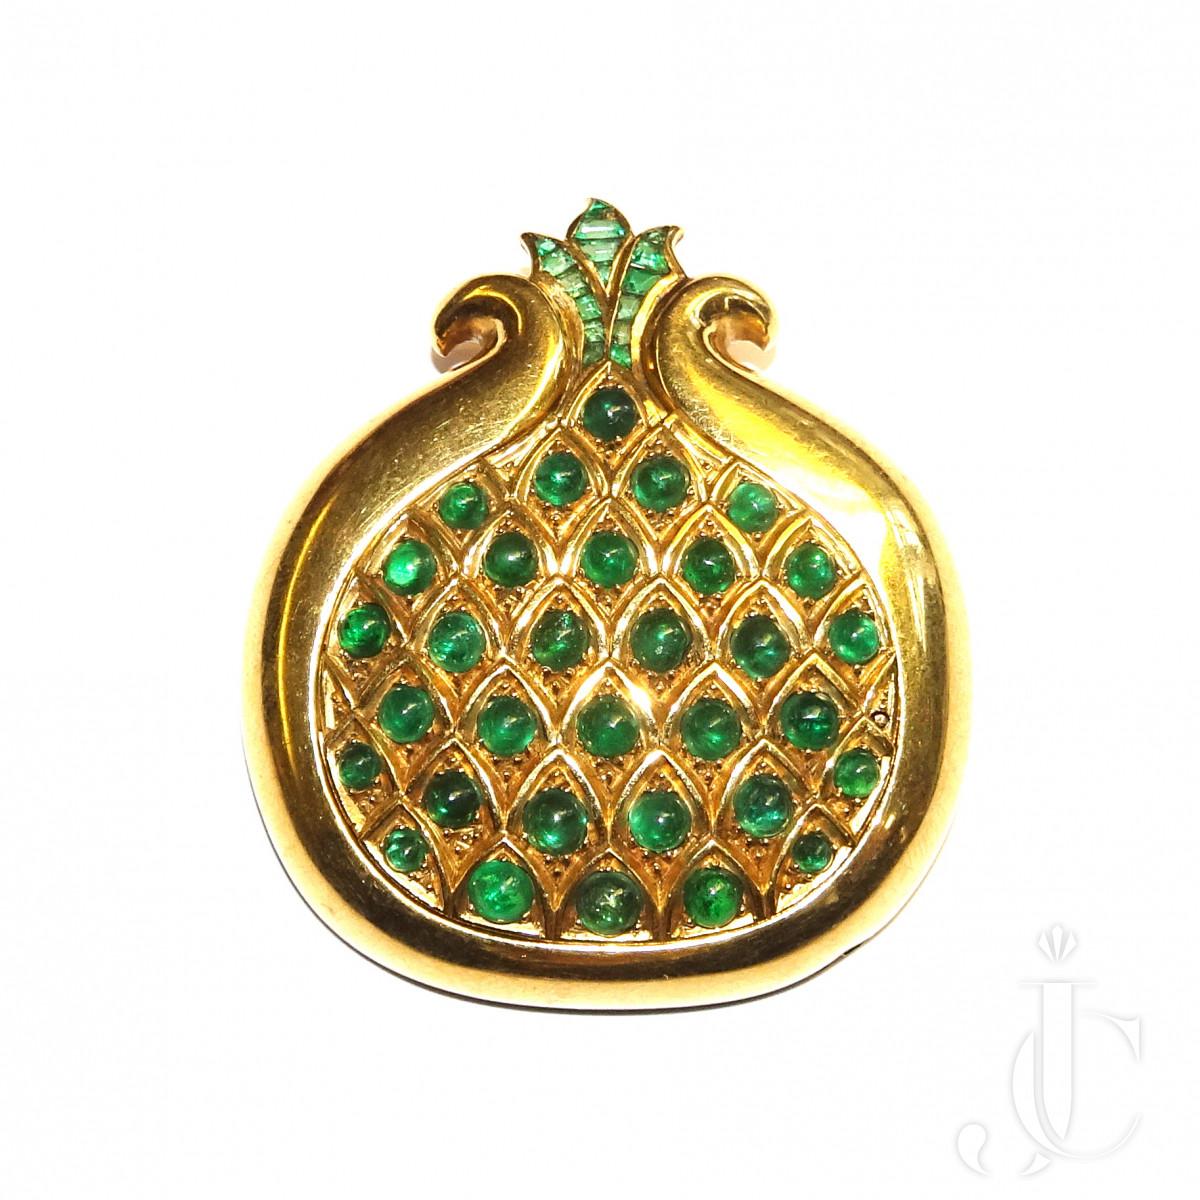 Boivin, Emerald Pomegranate Brooch